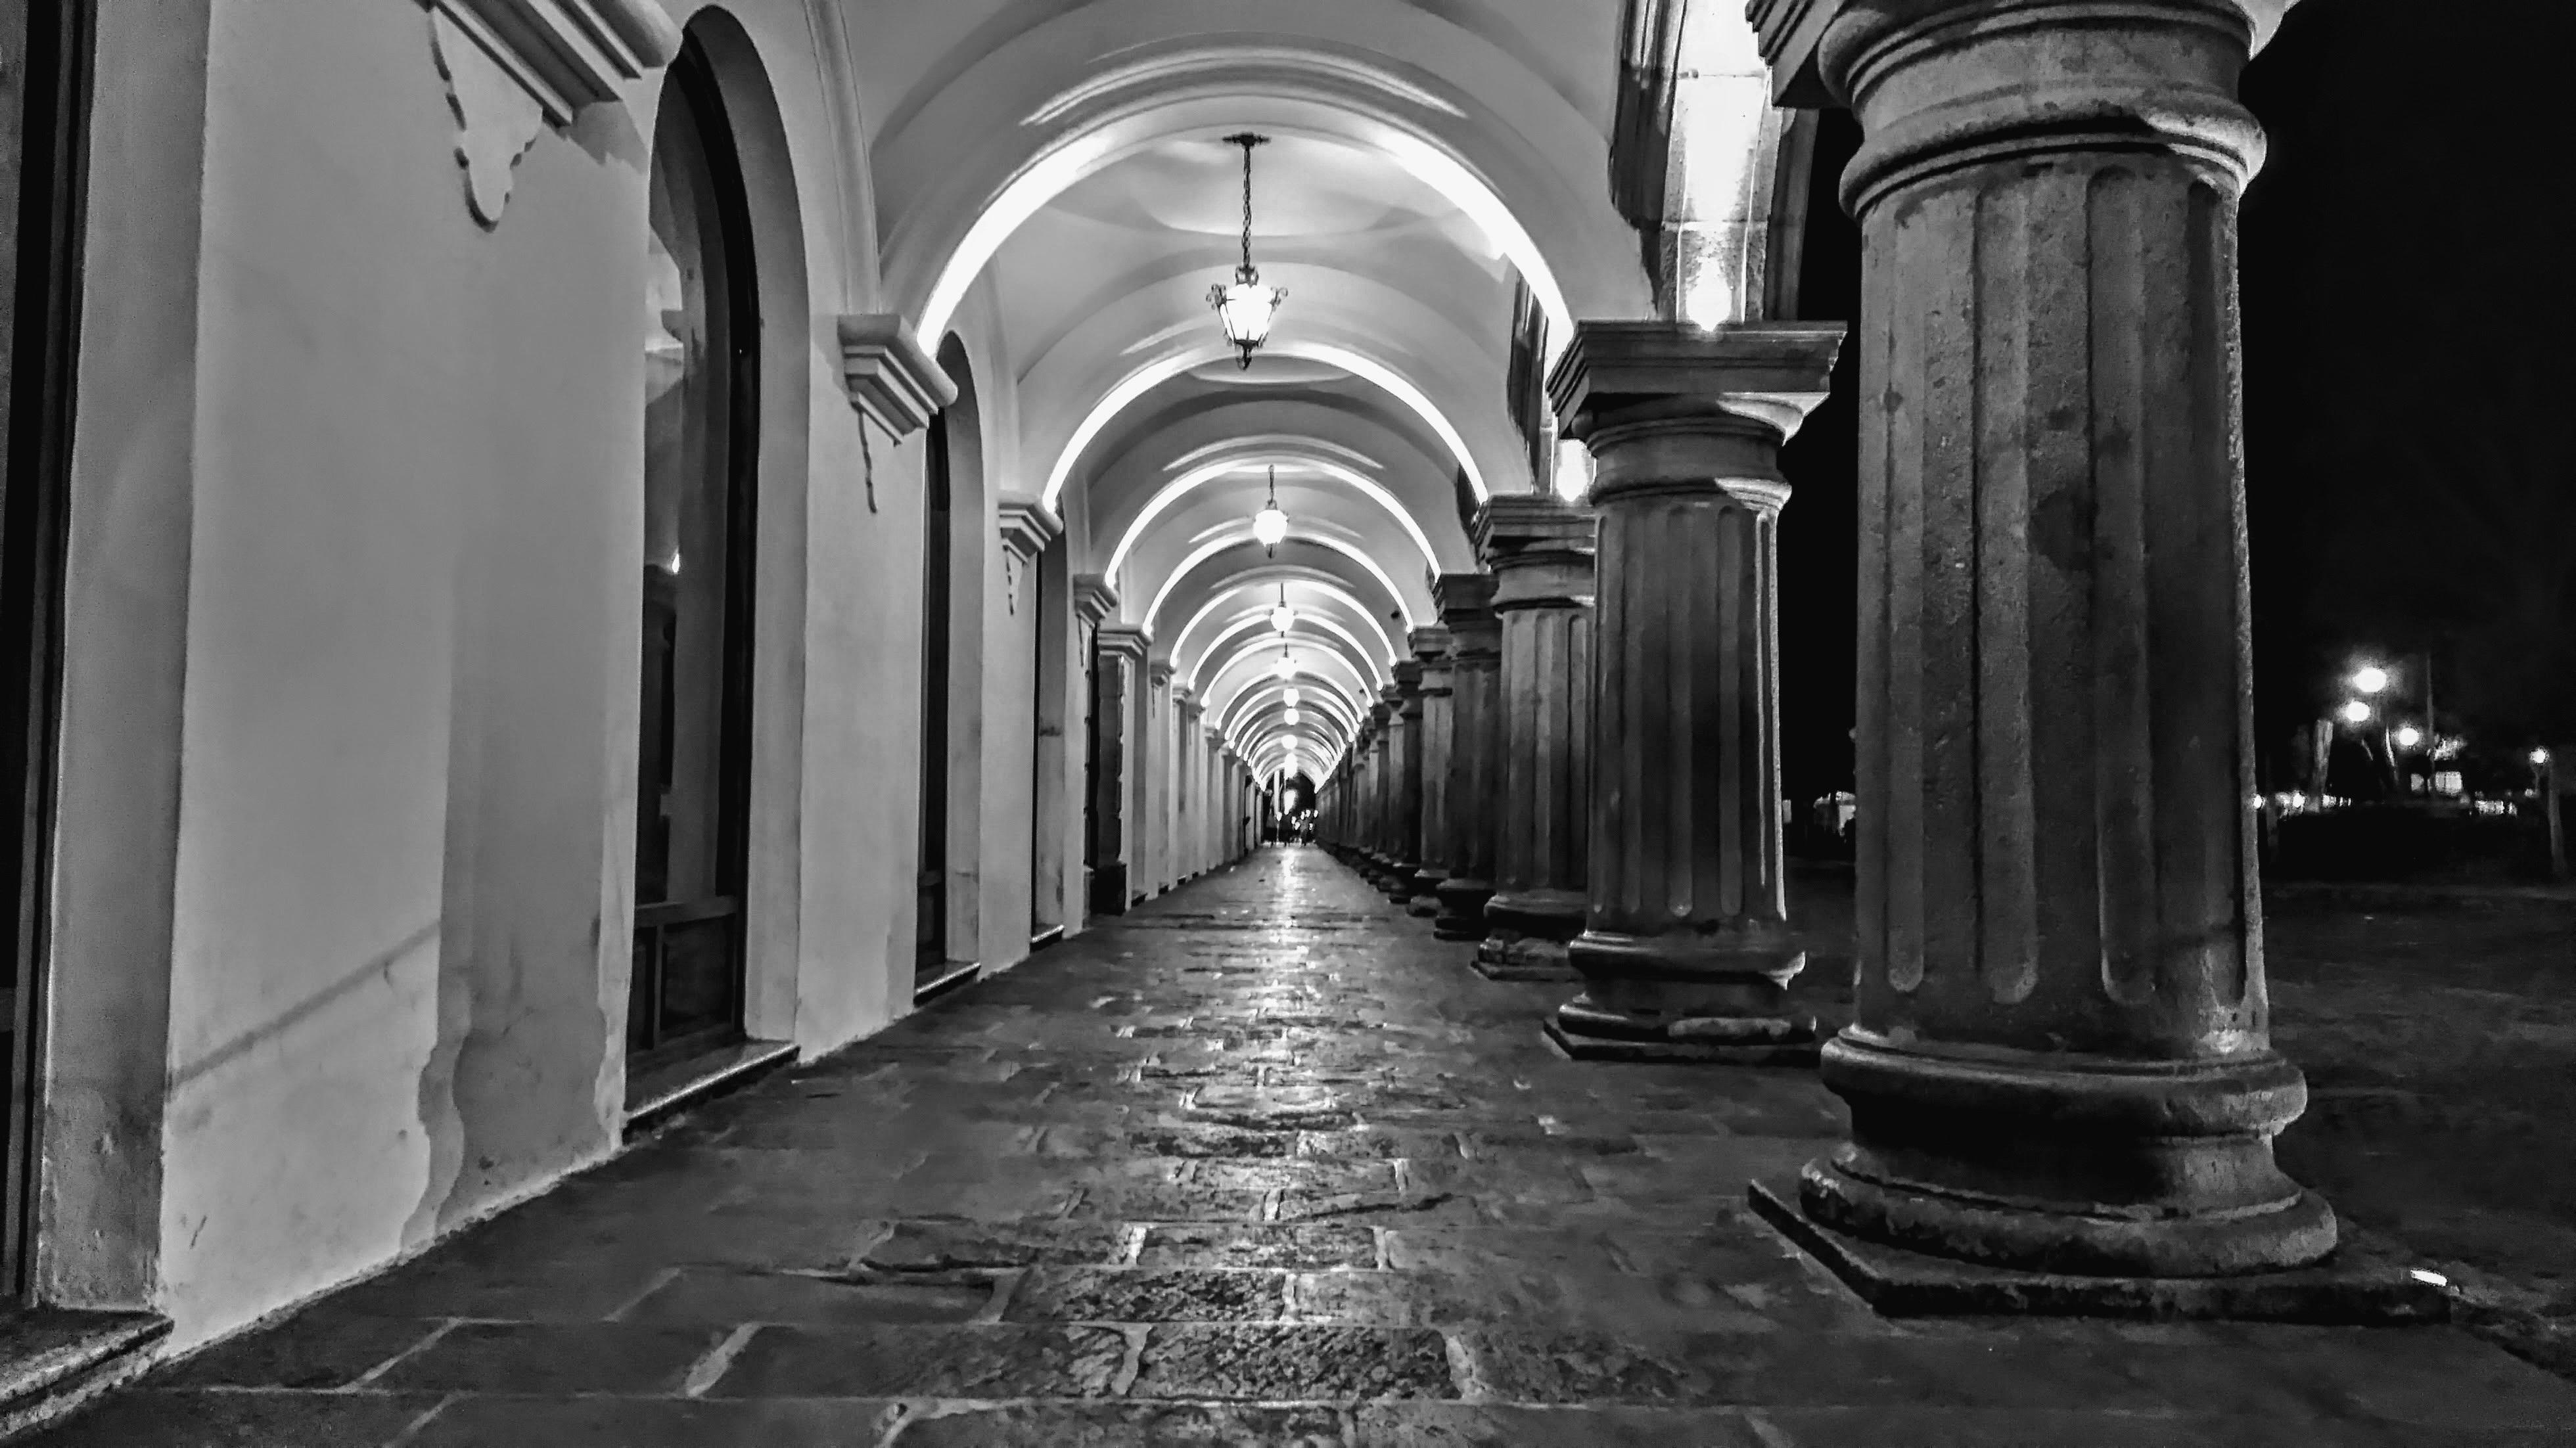 Fotos gratis ligero en blanco y negro arquitectura estructura monumento arco columna - Fotos en blanco ...